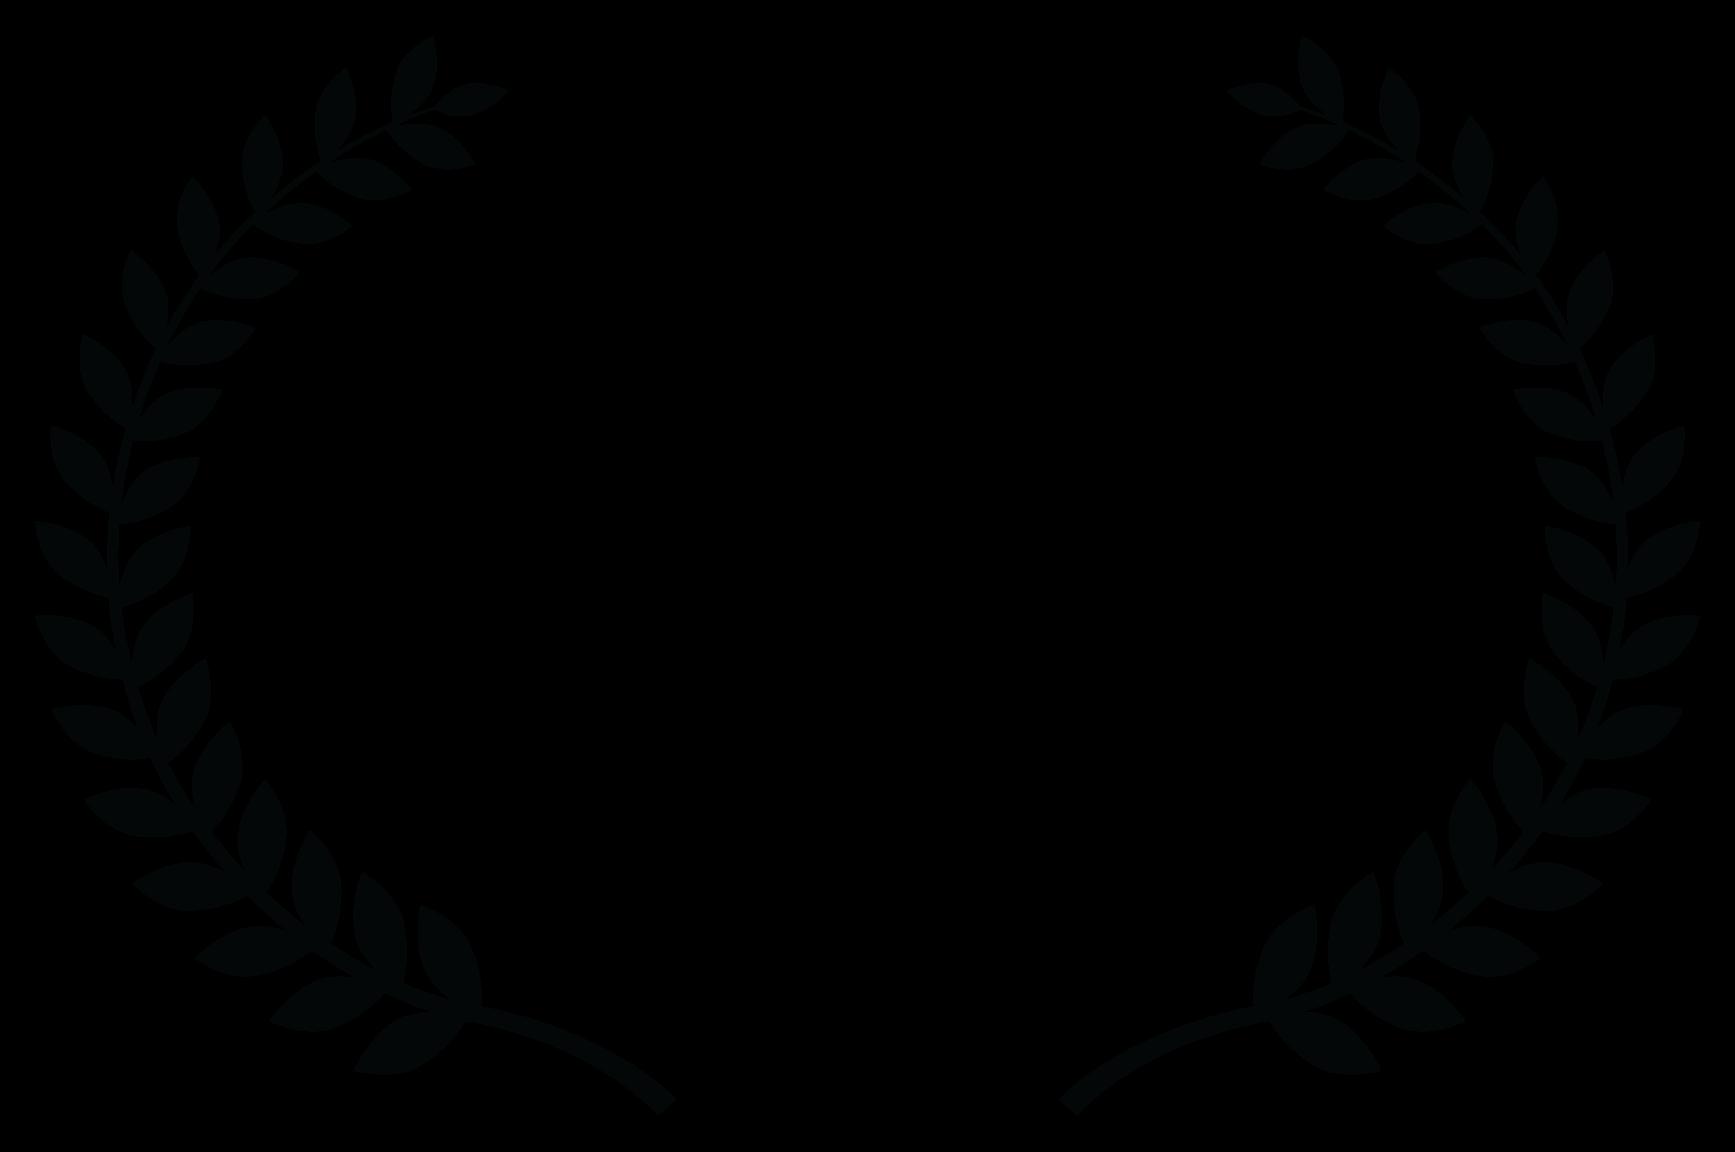 Castell Award Winner - Barcelona International Film Festival - 2015